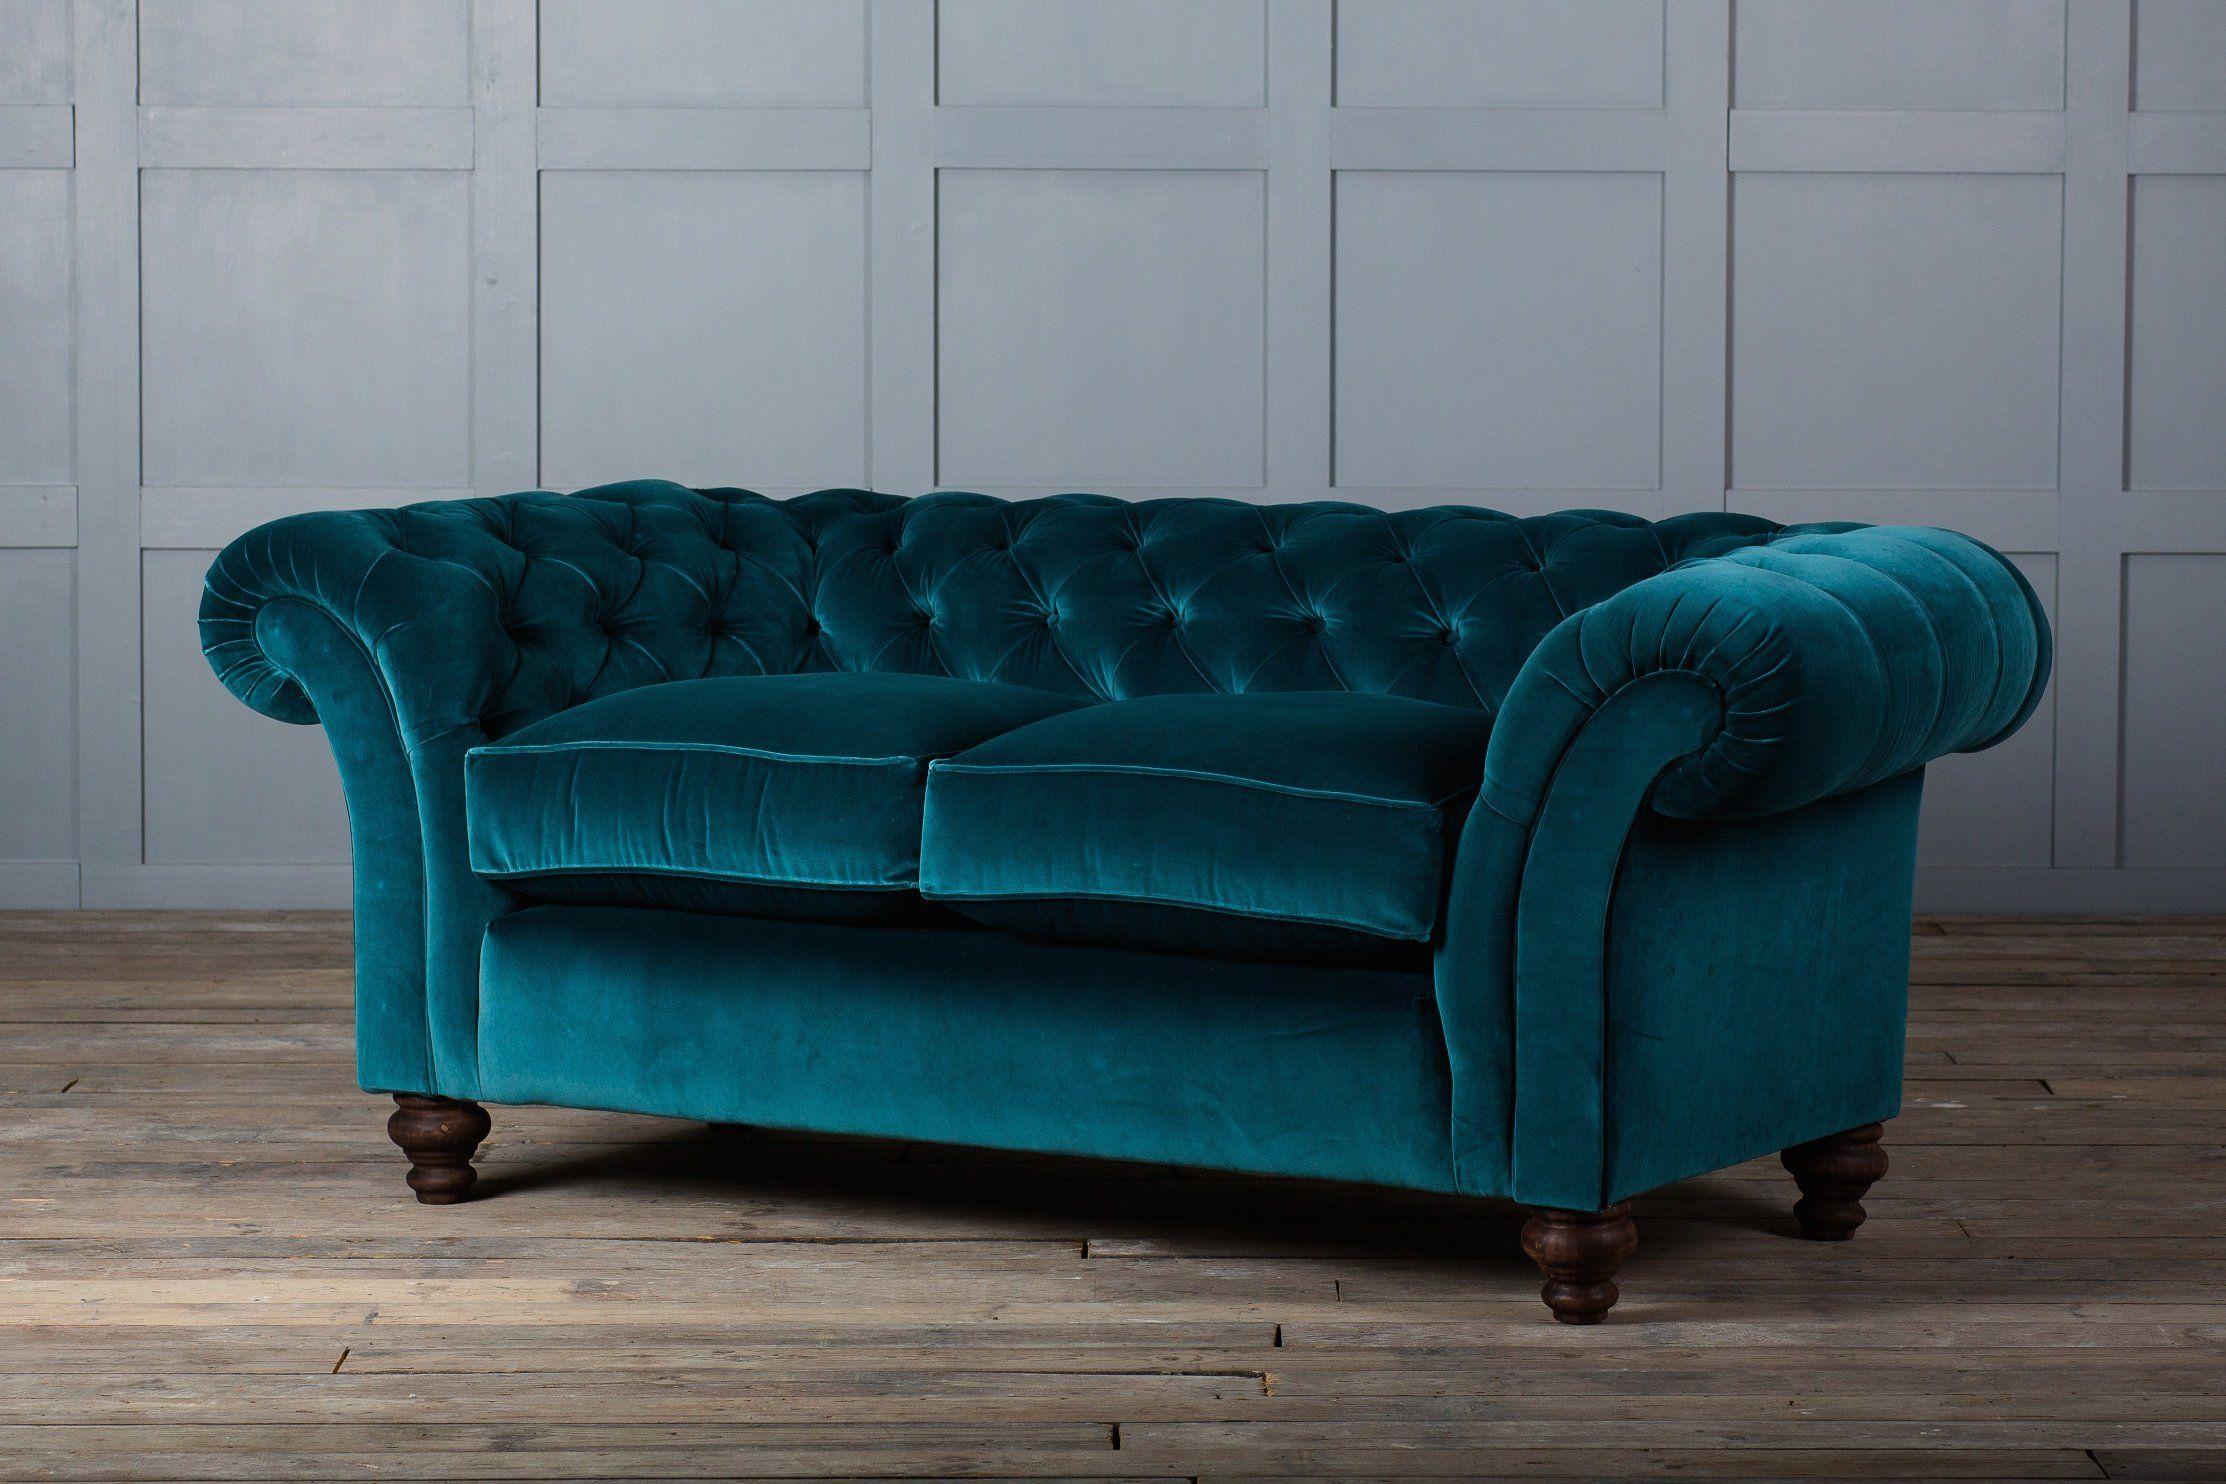 Blue Velvet Chesterfield Sofa Green Leather Uk Teal Bed